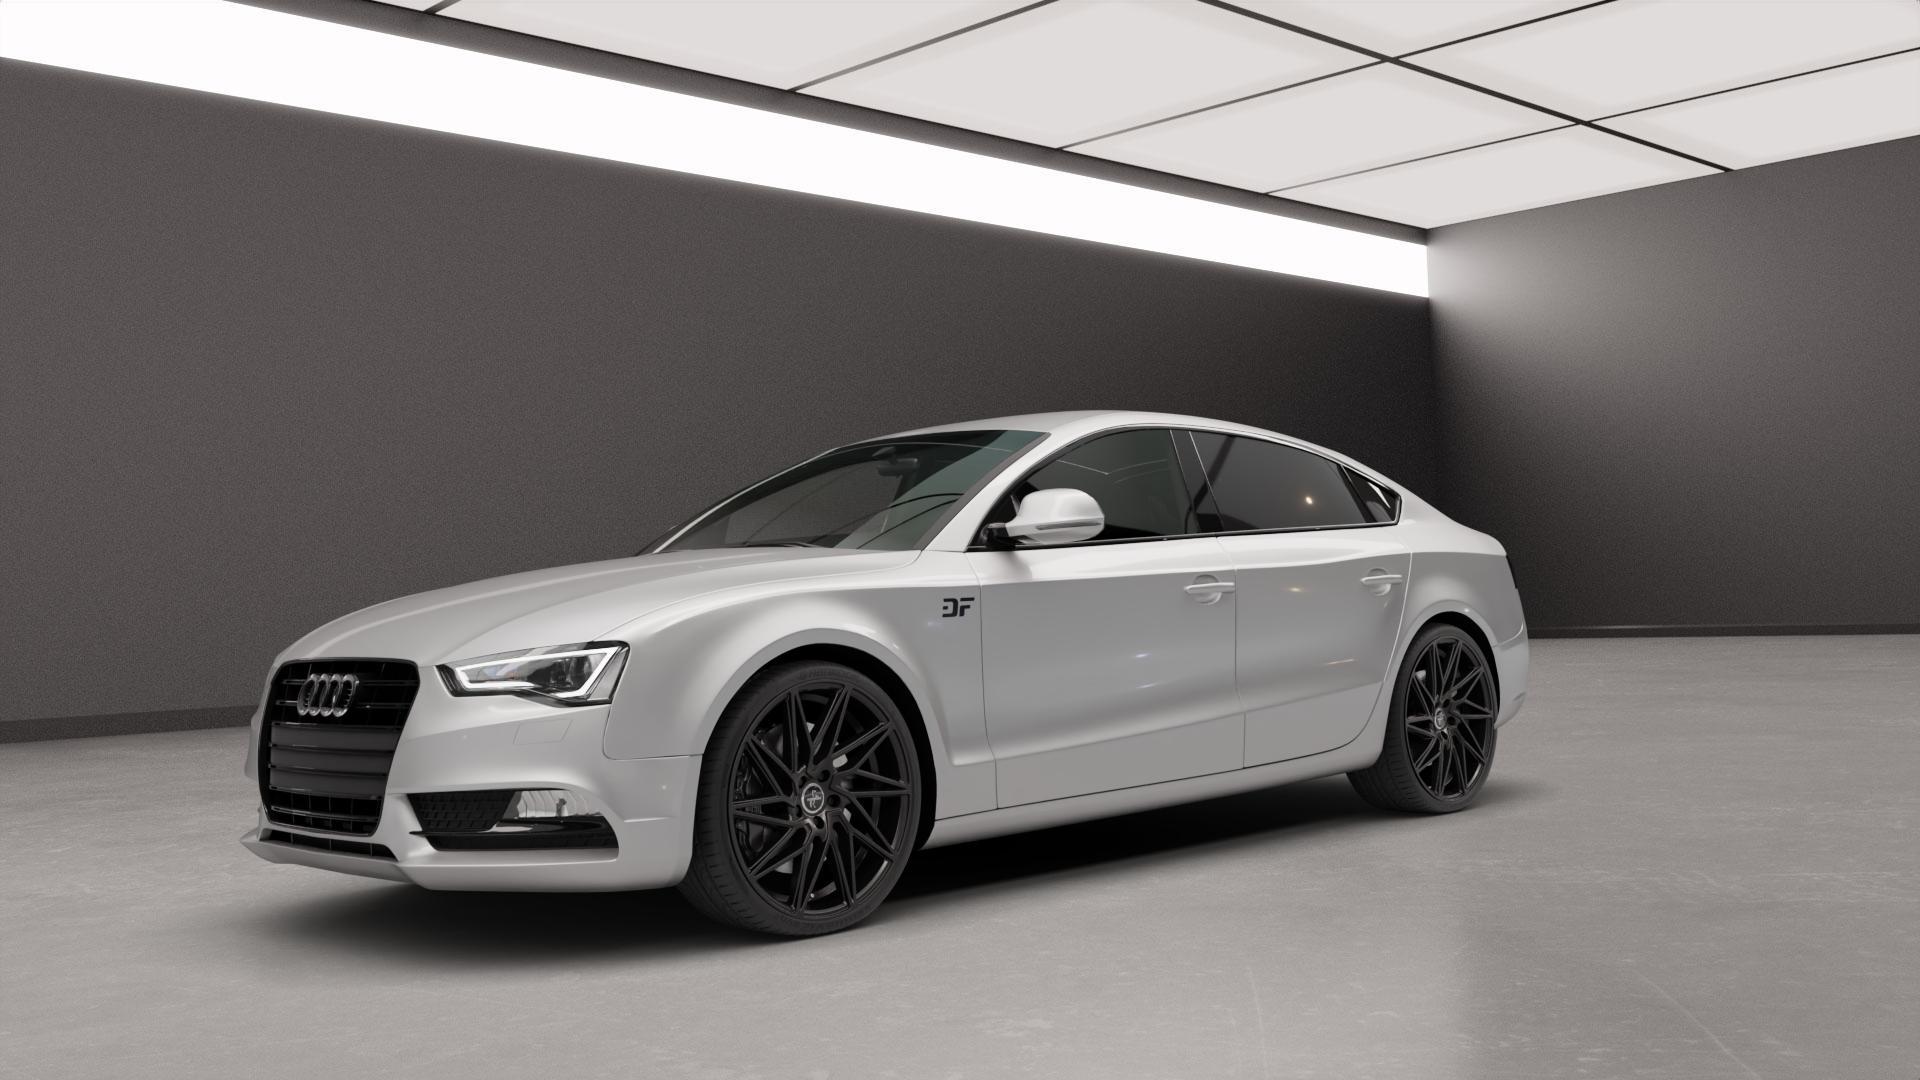 KESKIN KT20 BLACK PAINTED Felge mit Reifen schwarz in 20Zoll Winterfelge Alufelge auf silbernem Audi A5 Typ B8 (Sportback) Facelift ⬇️ mit 15mm Tieferlegung ⬇️ Neutral_mid_max5300mm Frontansicht_1